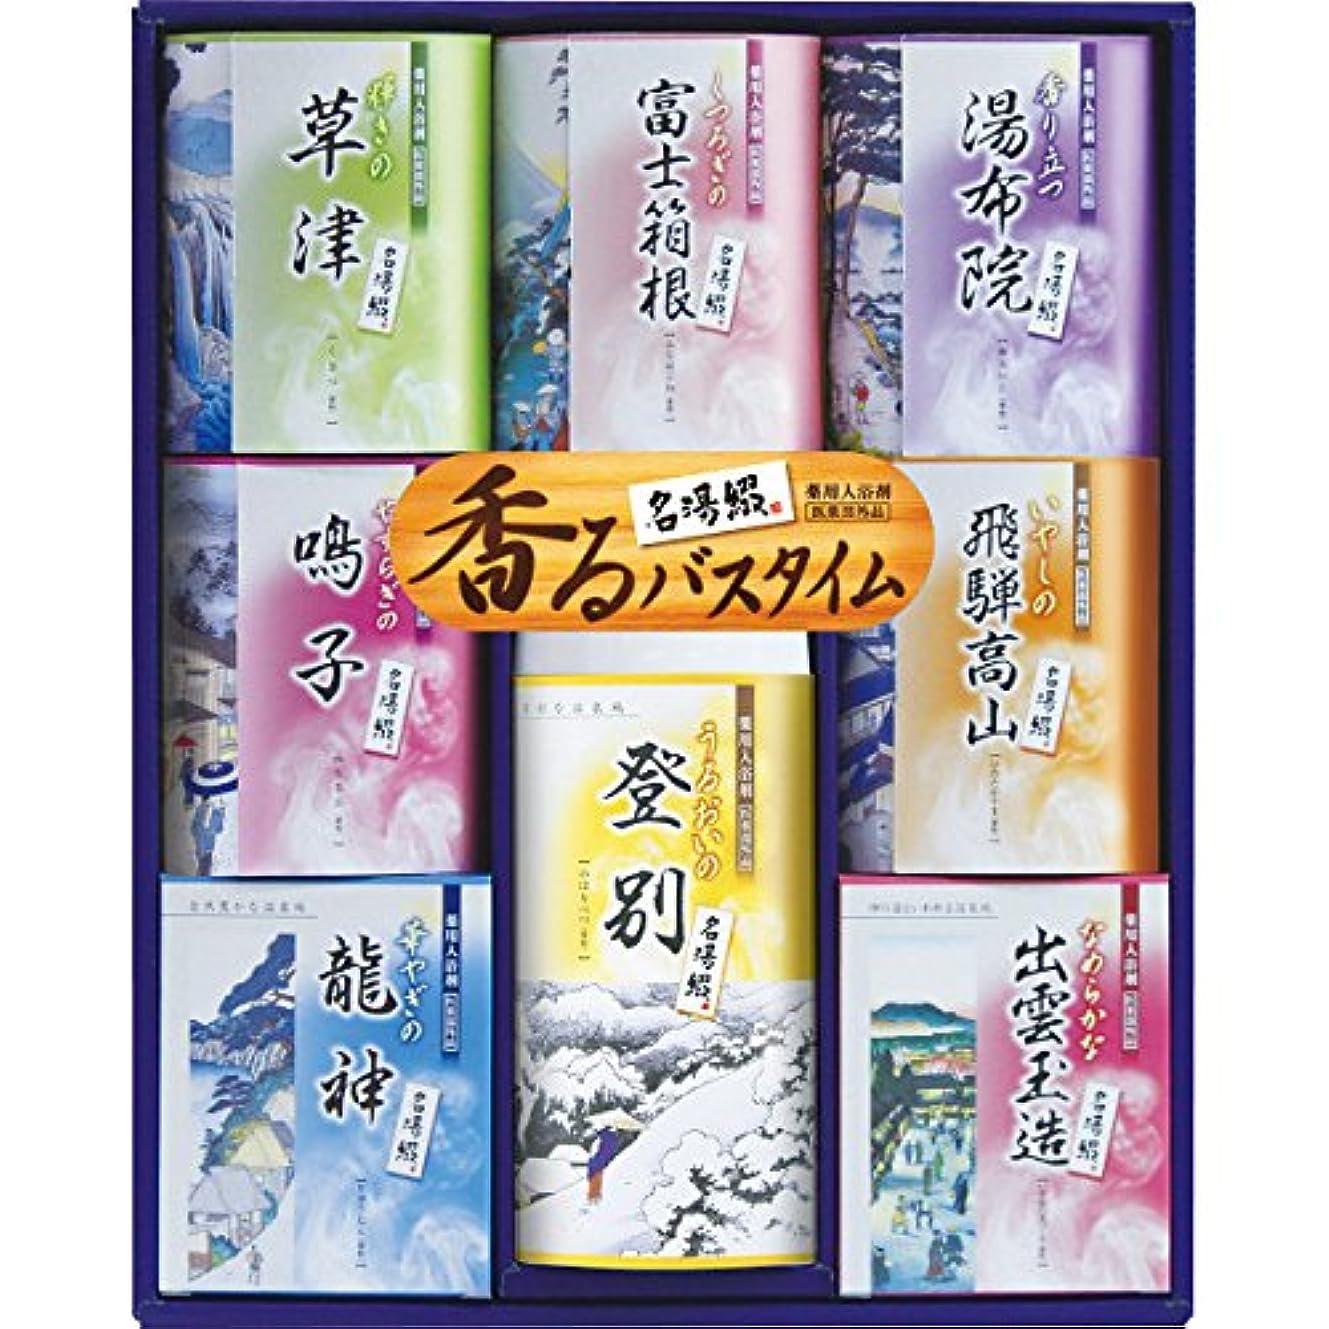 対称進む主婦敬老の日 贈り物 名湯綴入浴剤セット(SD)